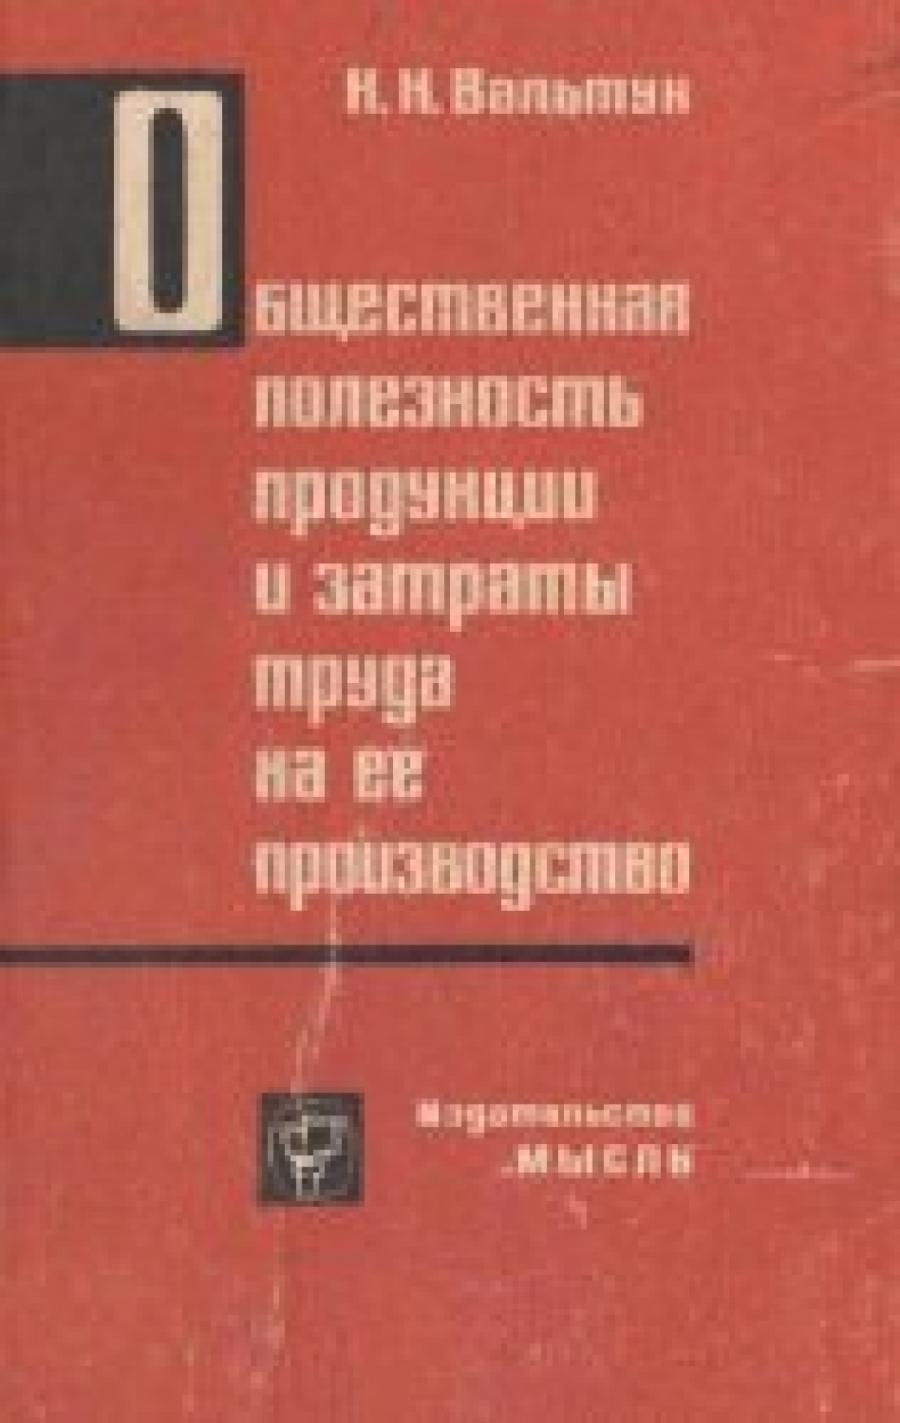 Обложка книги:  вальтух к.к. - общественная полезность продукции и затраты труда на ее производство